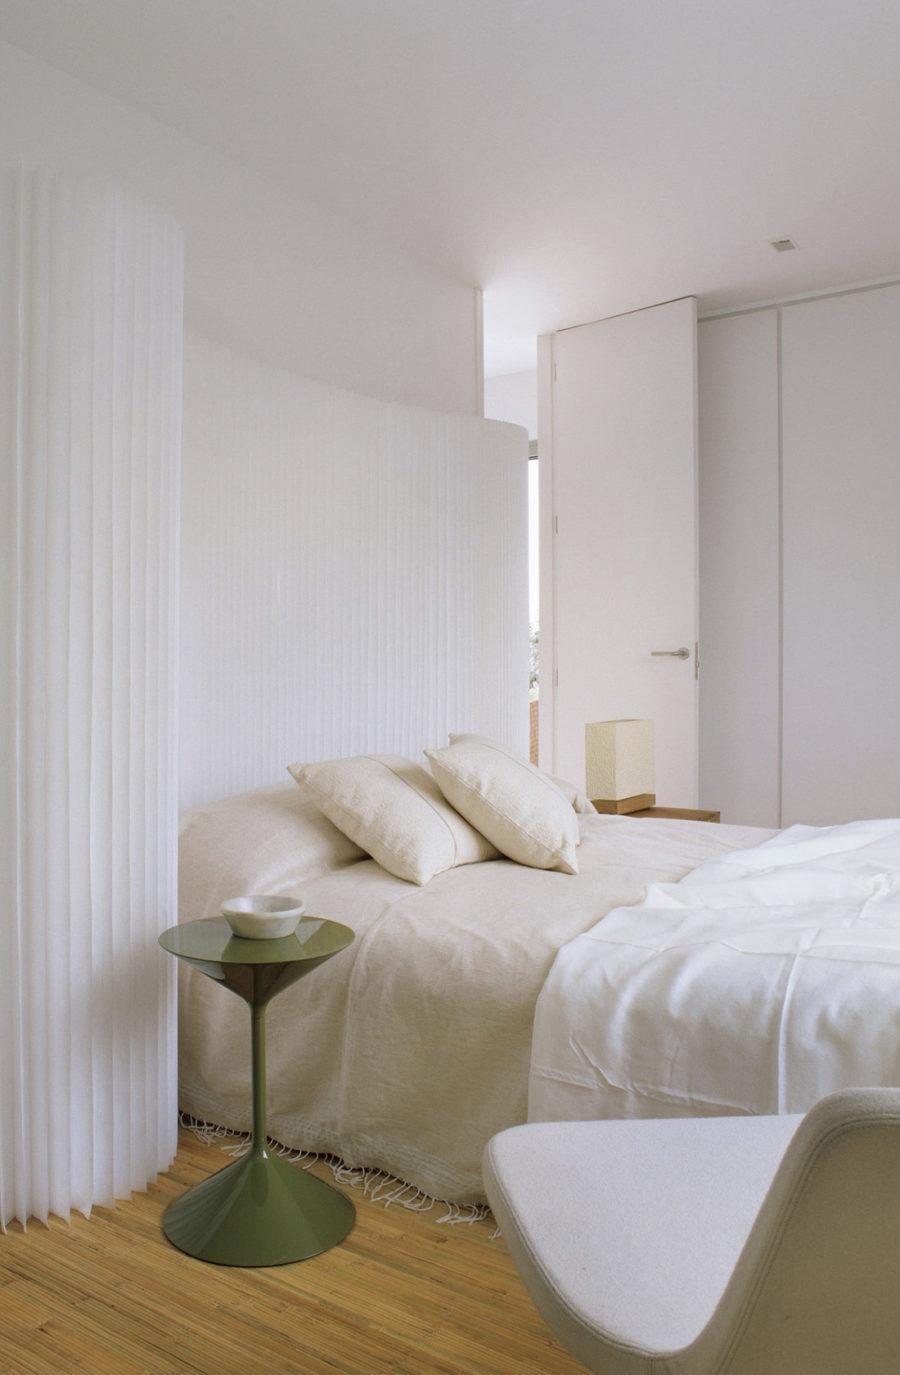 Casa pico dormitorio